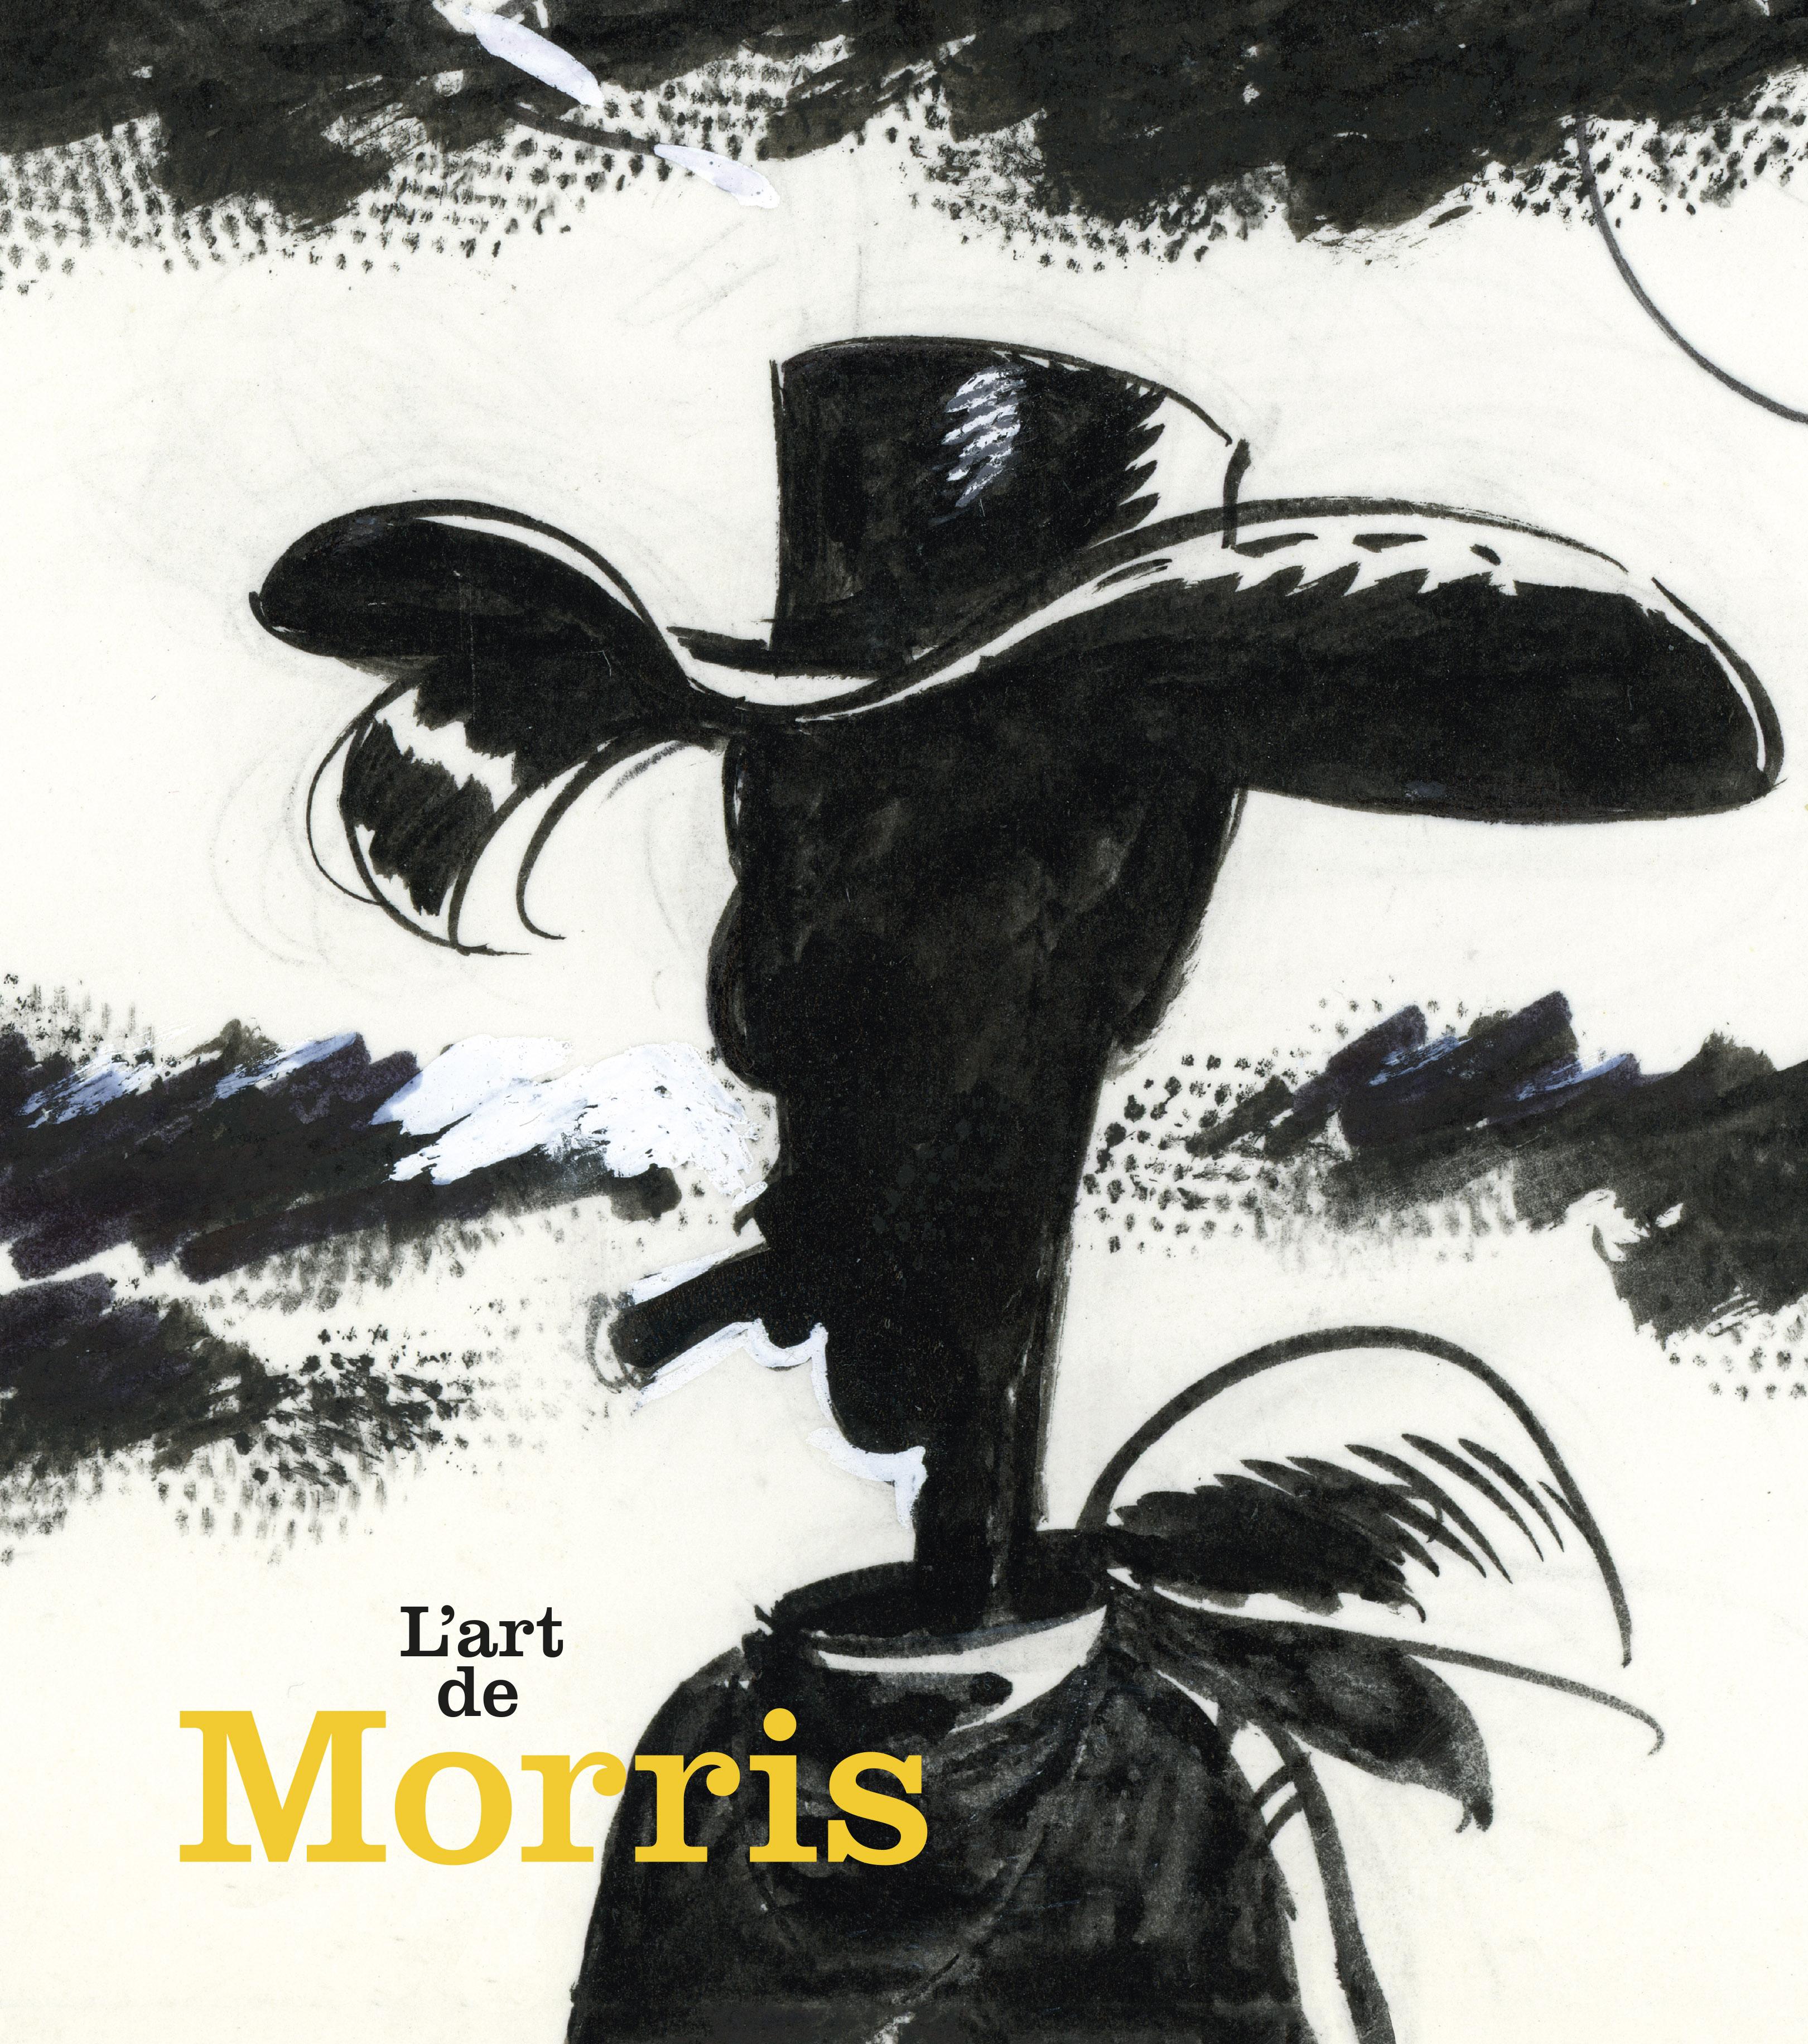 L'art de Morris